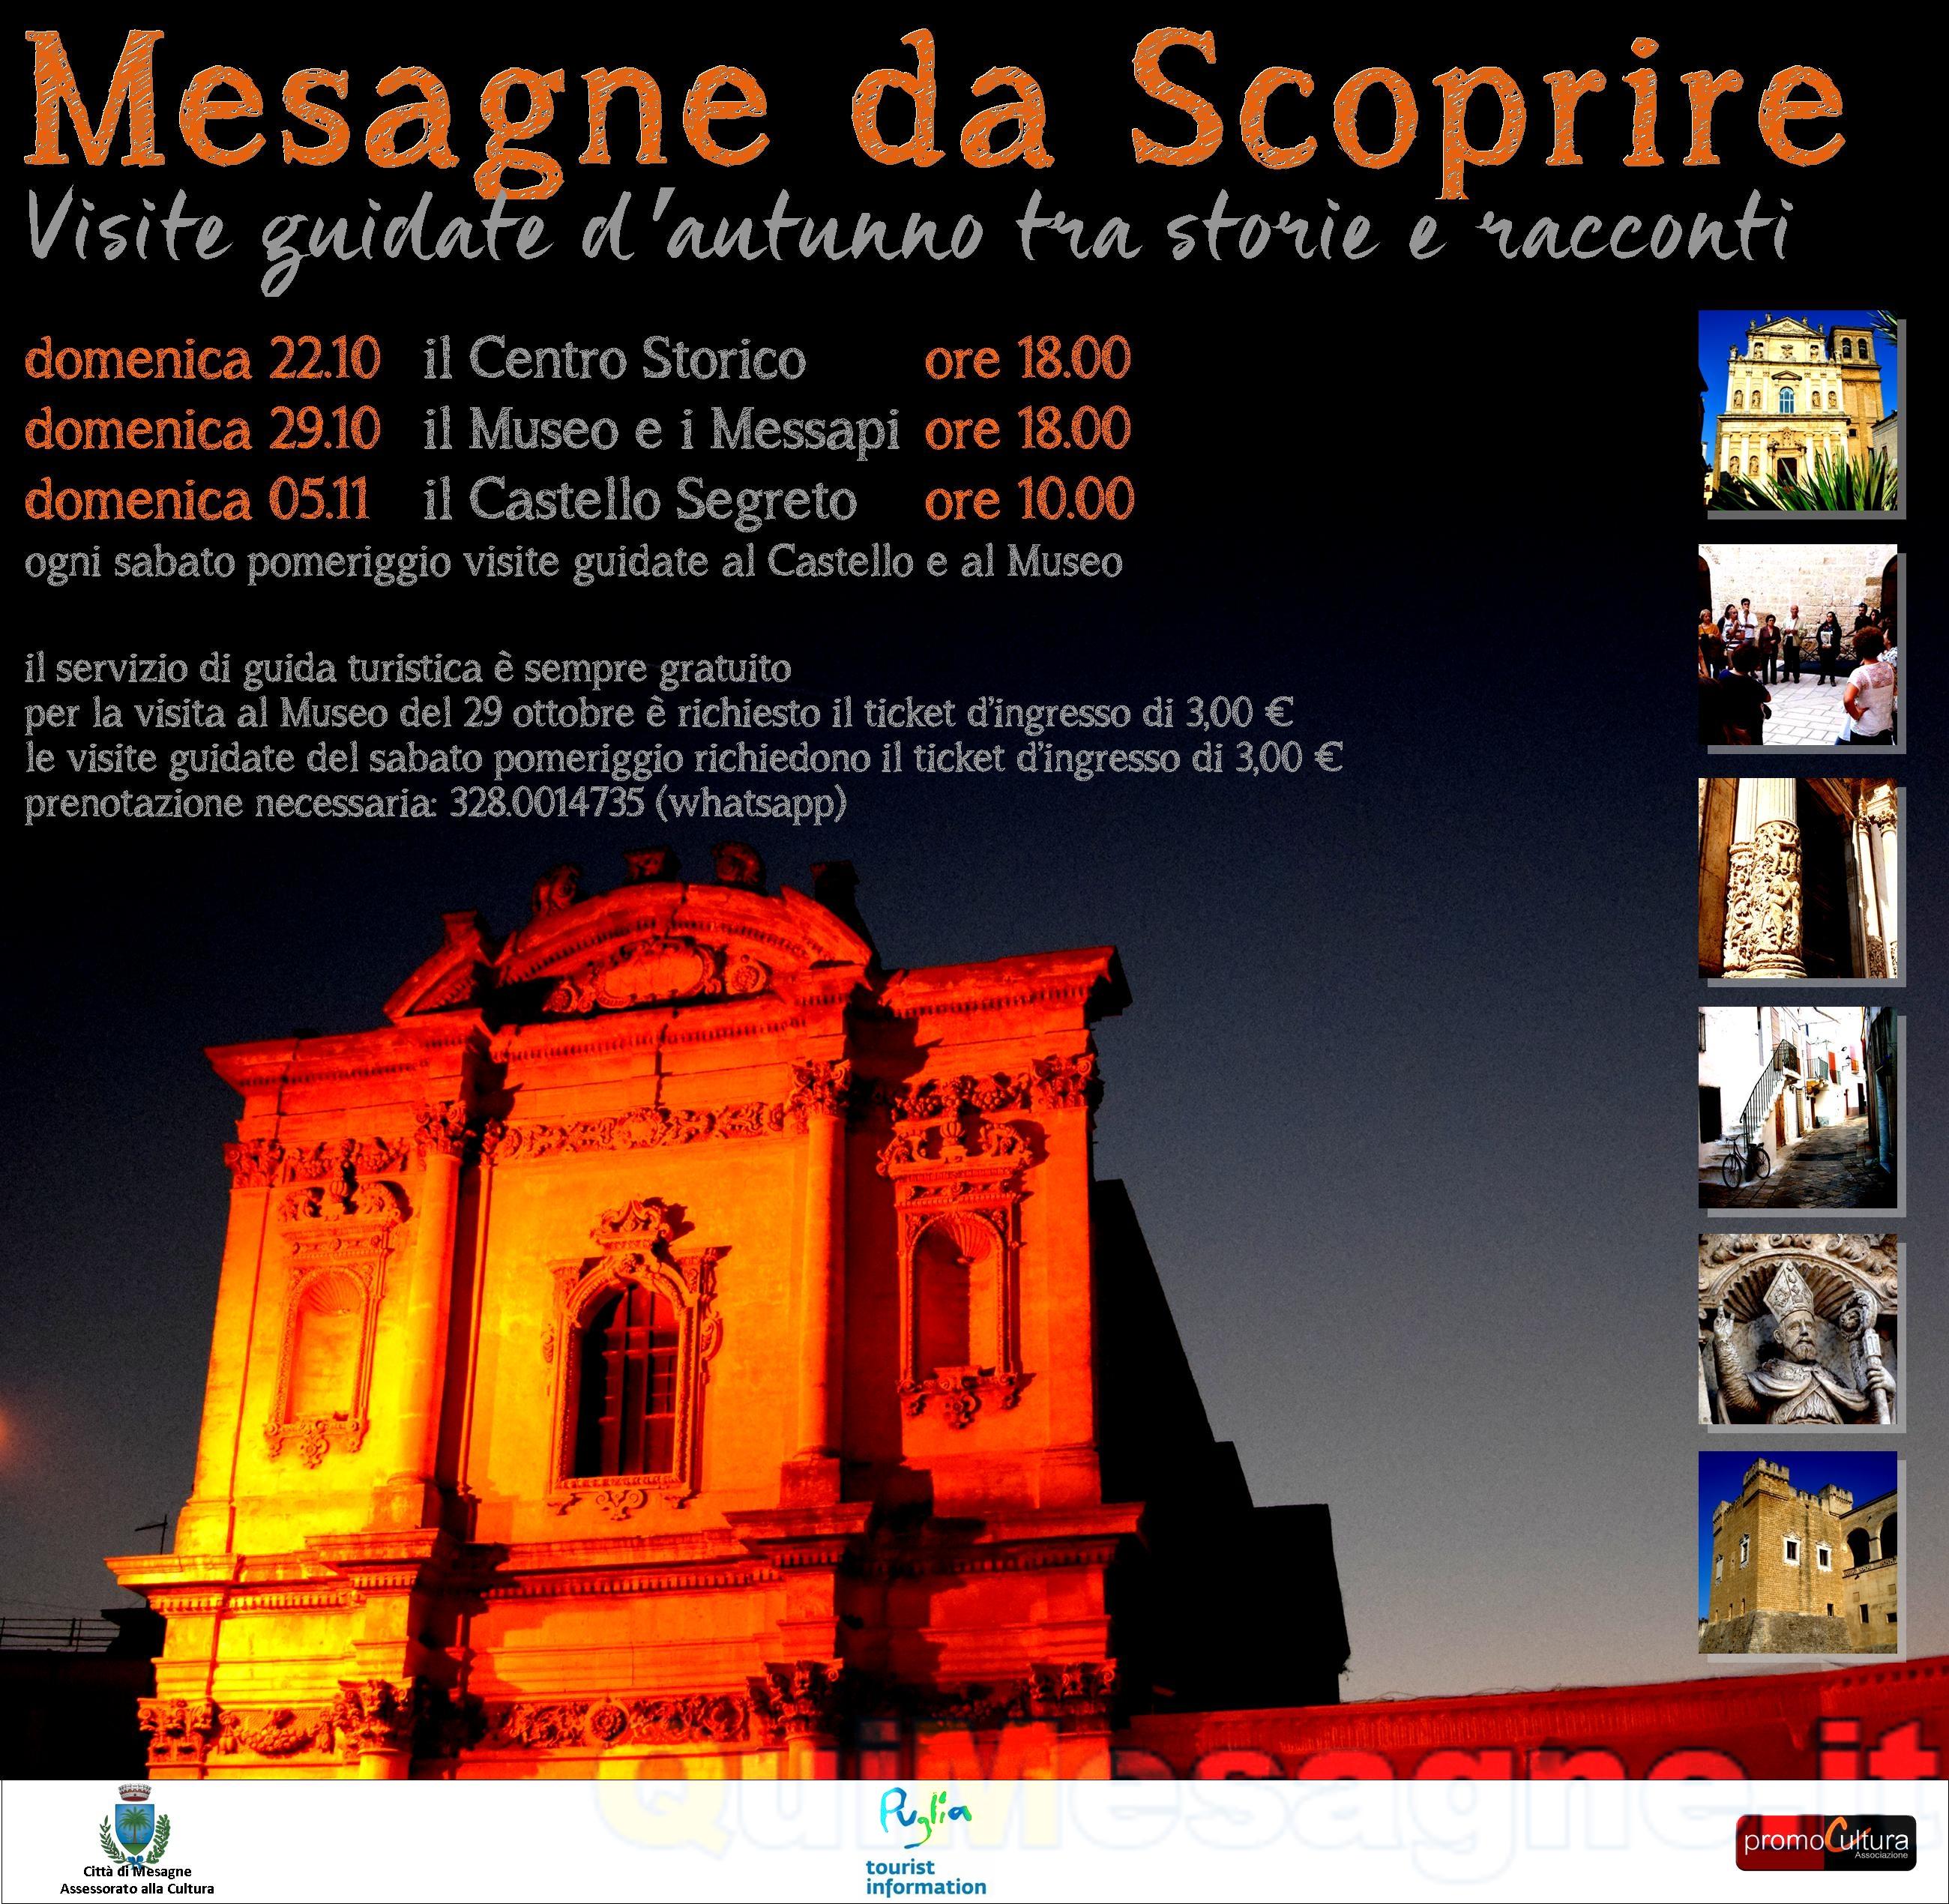 """Mesagne da scoprire"""" visite guidate per valorizzare i beni culturali di Mesagne. 22 e 29 ottobre, 5 novembre"""